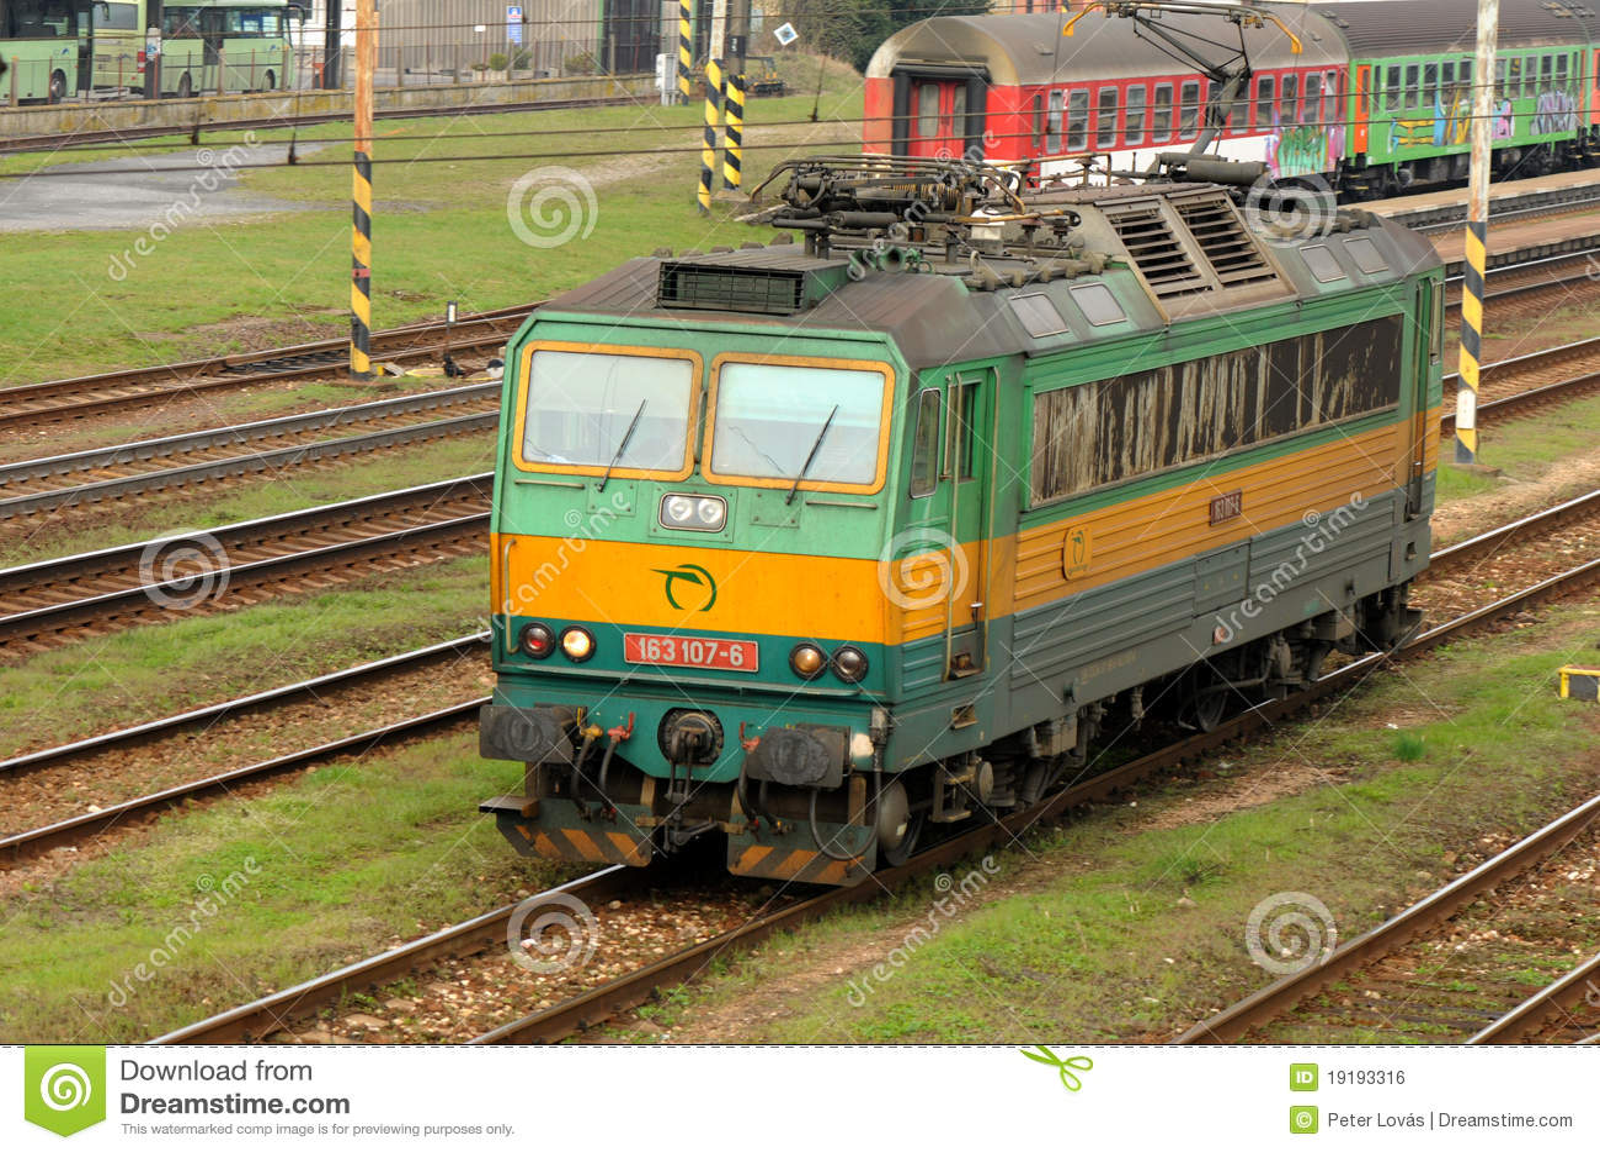 3 107 163 elkraftlokomotiv för 499 e